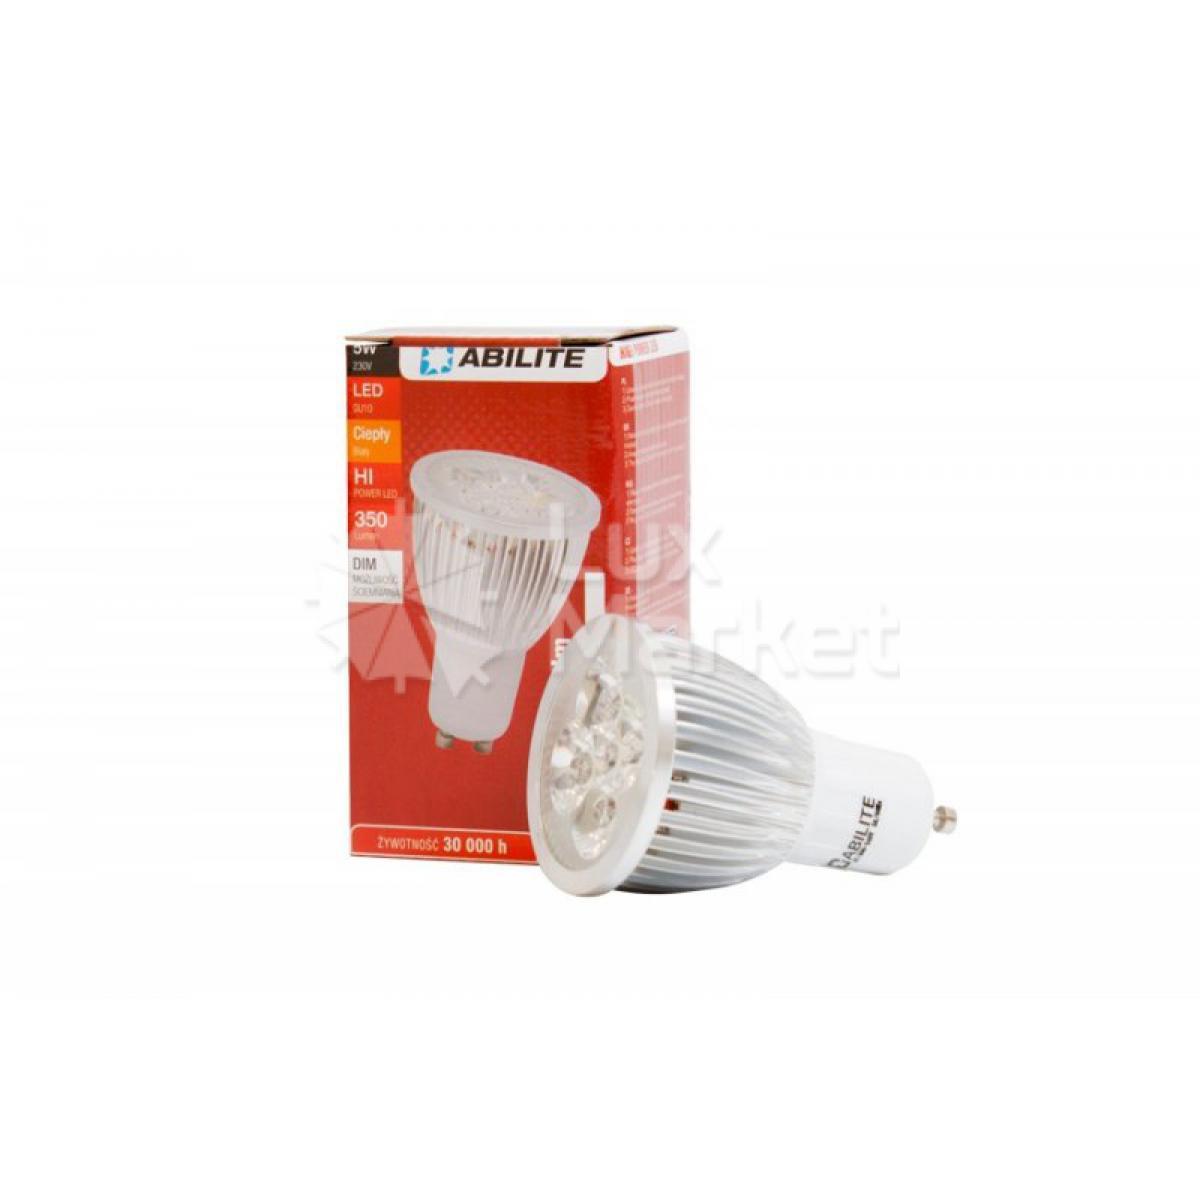 diody LED, oświetlenie LED